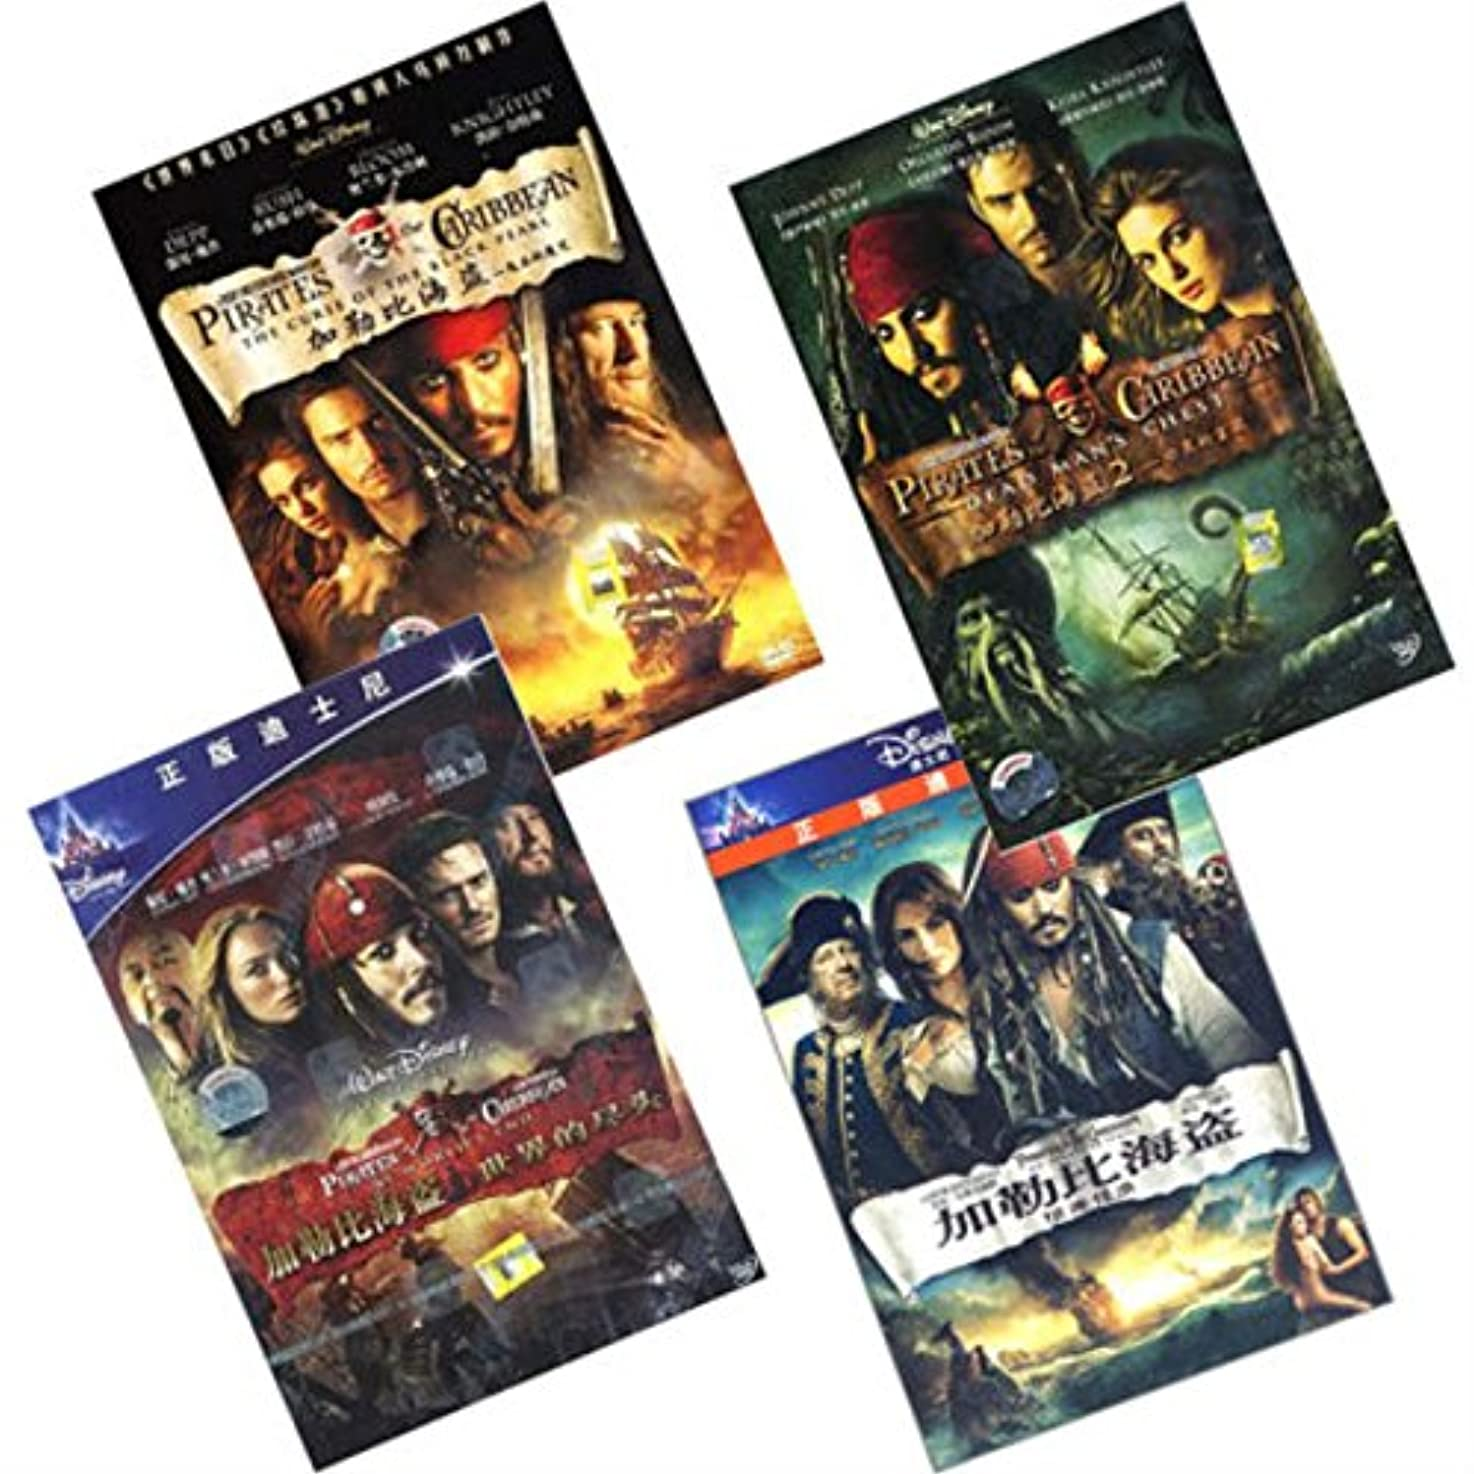 パイレーツ?オブ?カリビアン(Pirates of the Caribbean)1?4作 中国正規版DVD 言語学び